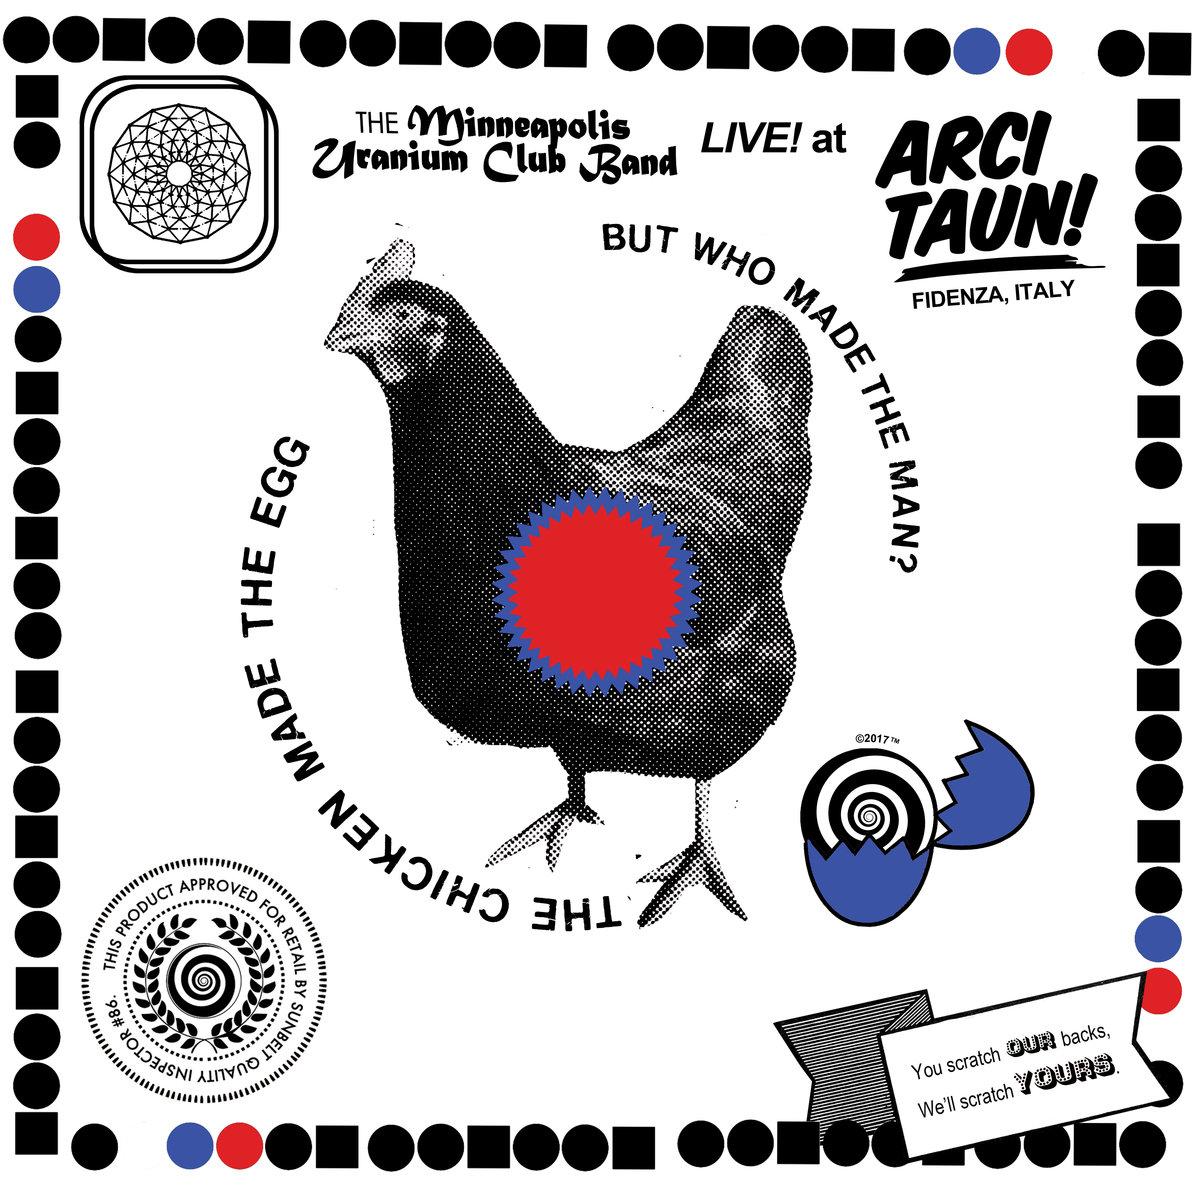 Uranium Club - Live at Acri Taun LP